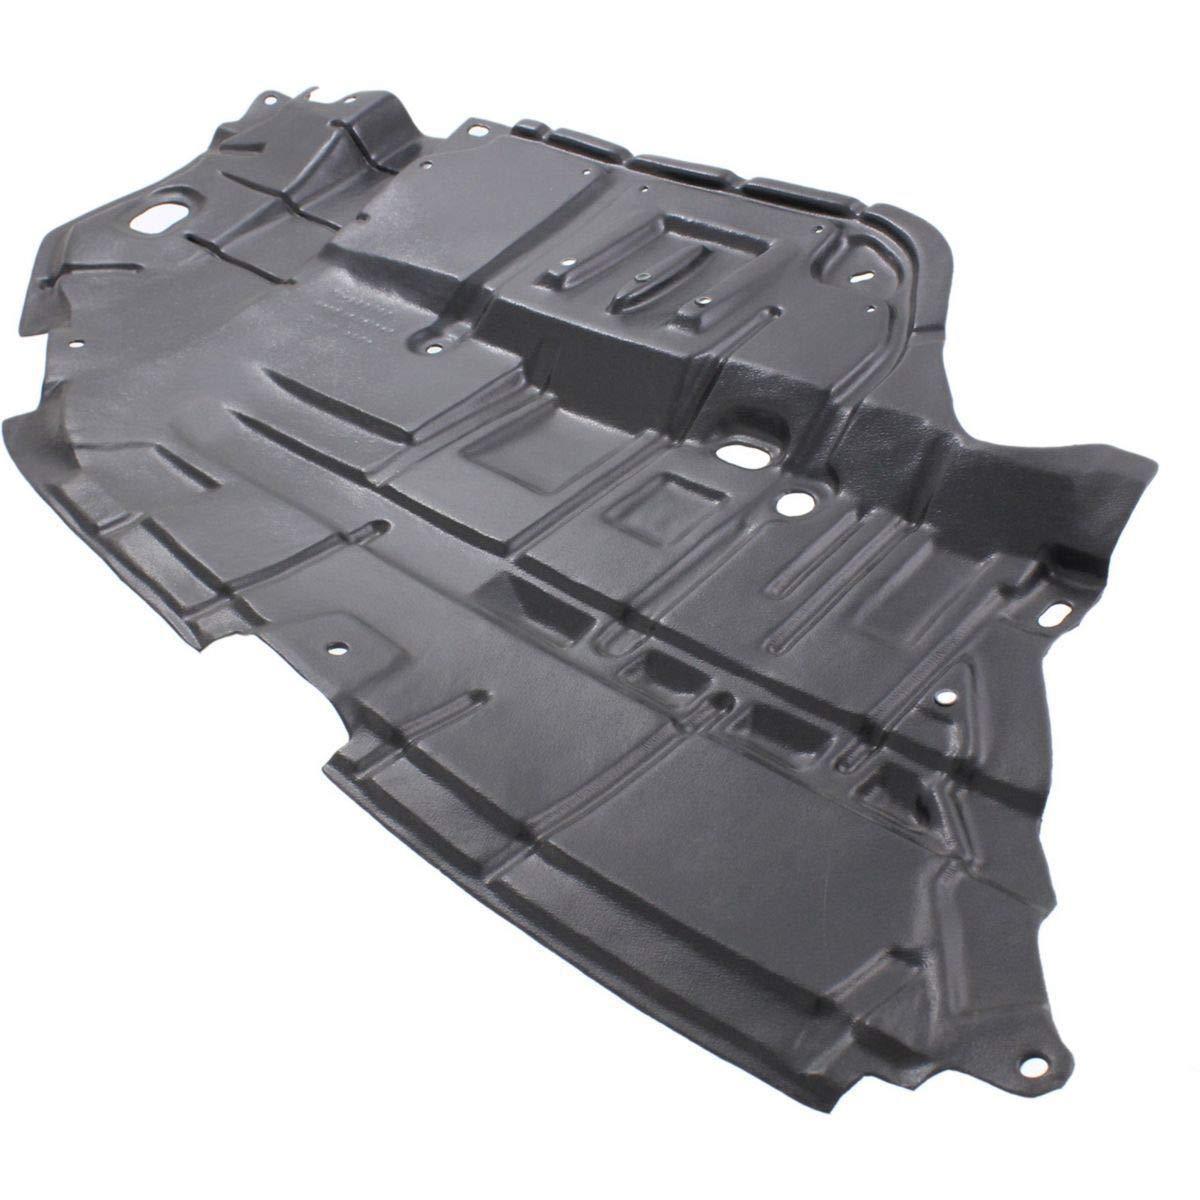 KA LEGEND Splash Shield Guard ENGING Under Cover LH Left Driver Side for Camry 2012-2014 5144206140 TO1228178